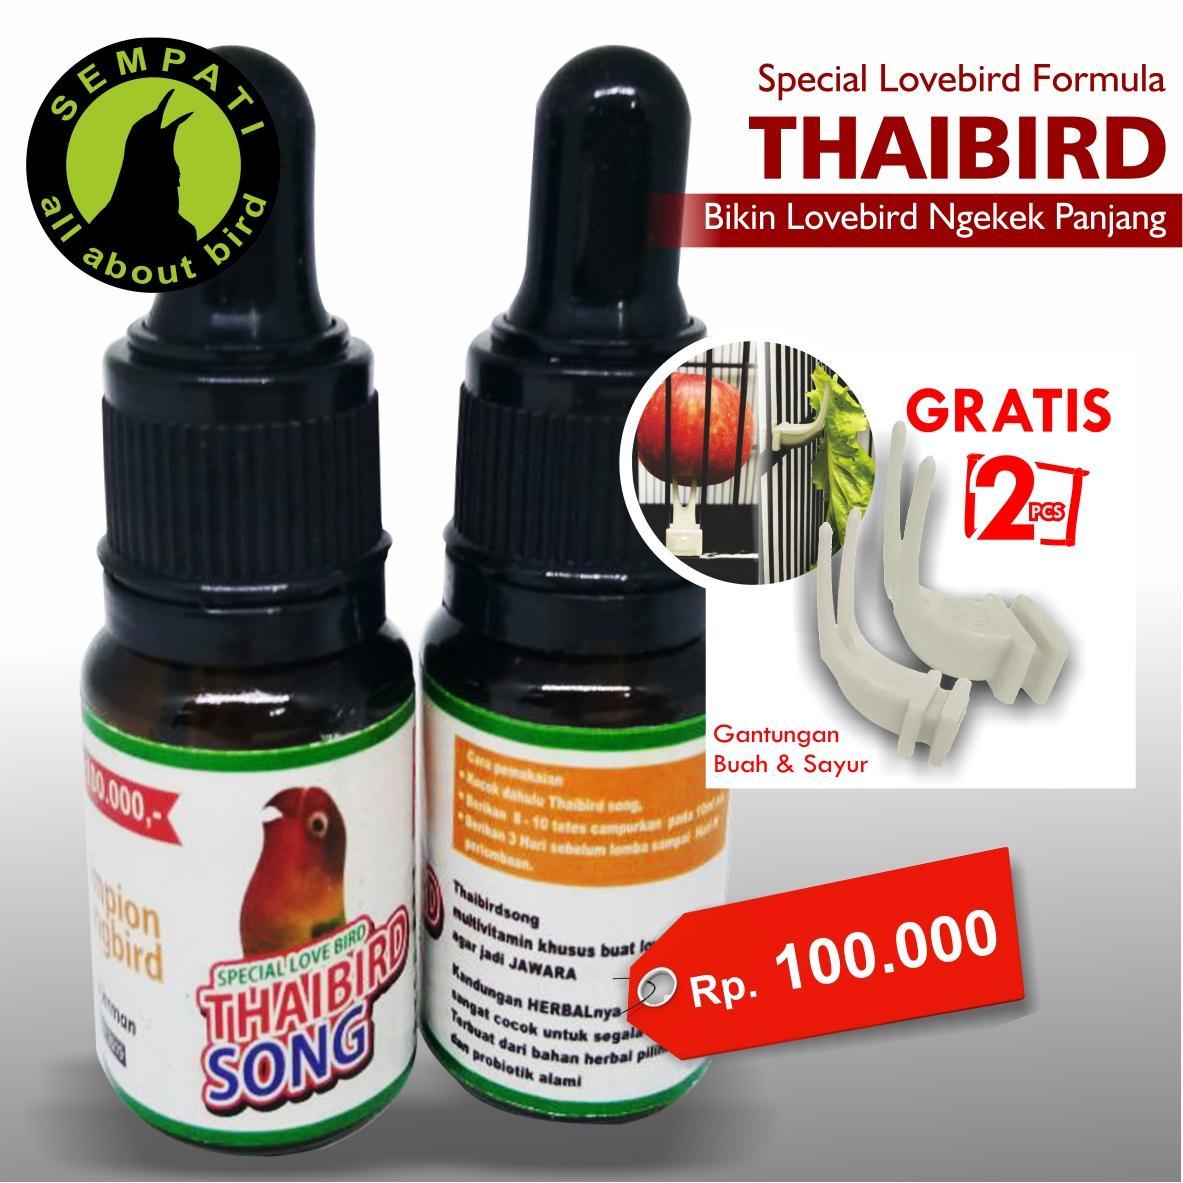 Thai Bird Song Champion Song Bird Vitamin Burung Lovebird Meningkatkan Stamina Ngekek Panjang